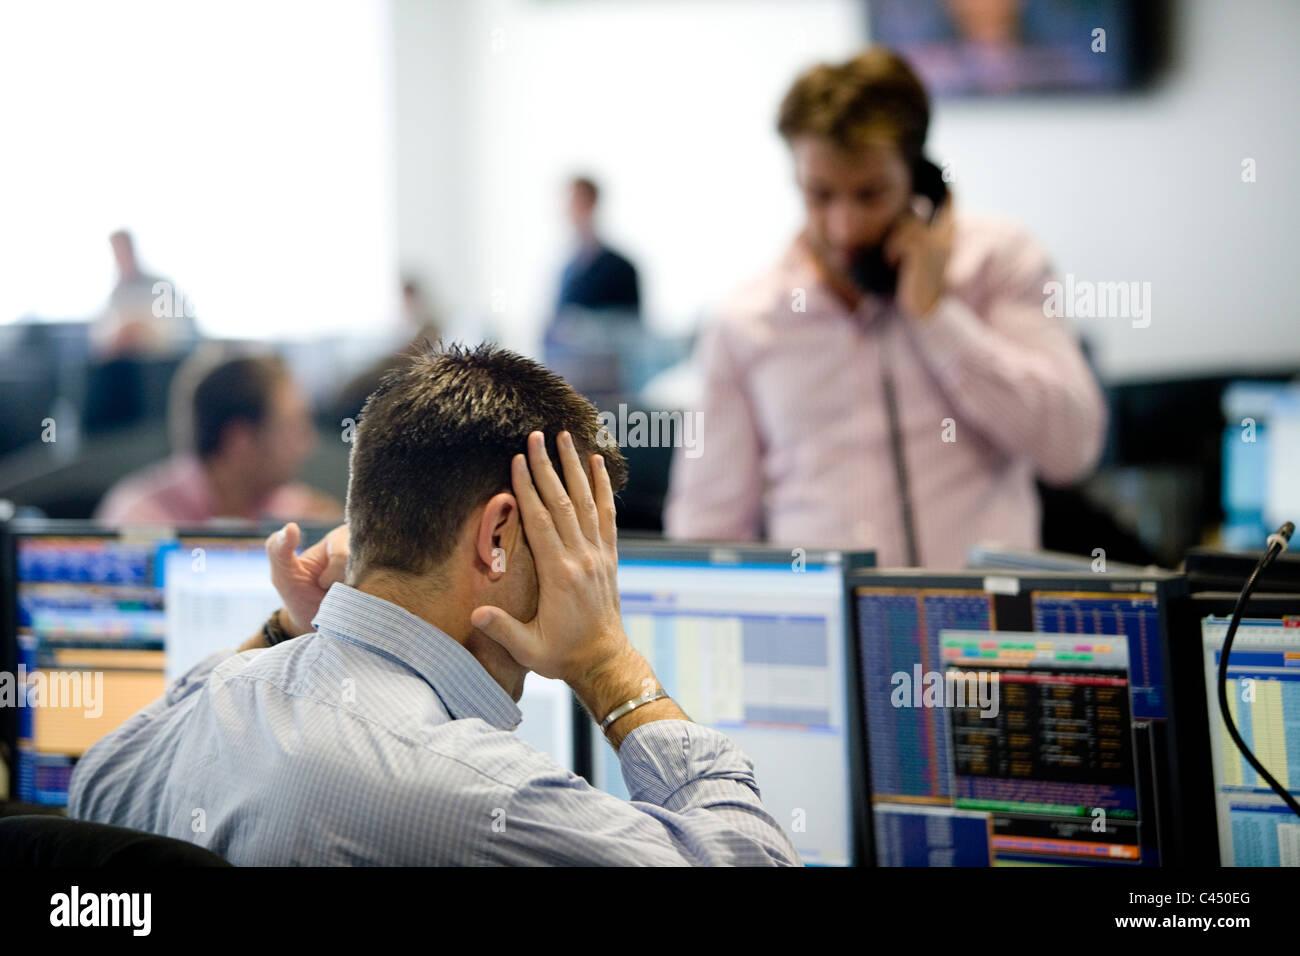 BGC Stimme + elektronische Brokerfirma Handelsraum, konkurrieren Händler auf Aktien Preise im finanziellen Stockbild